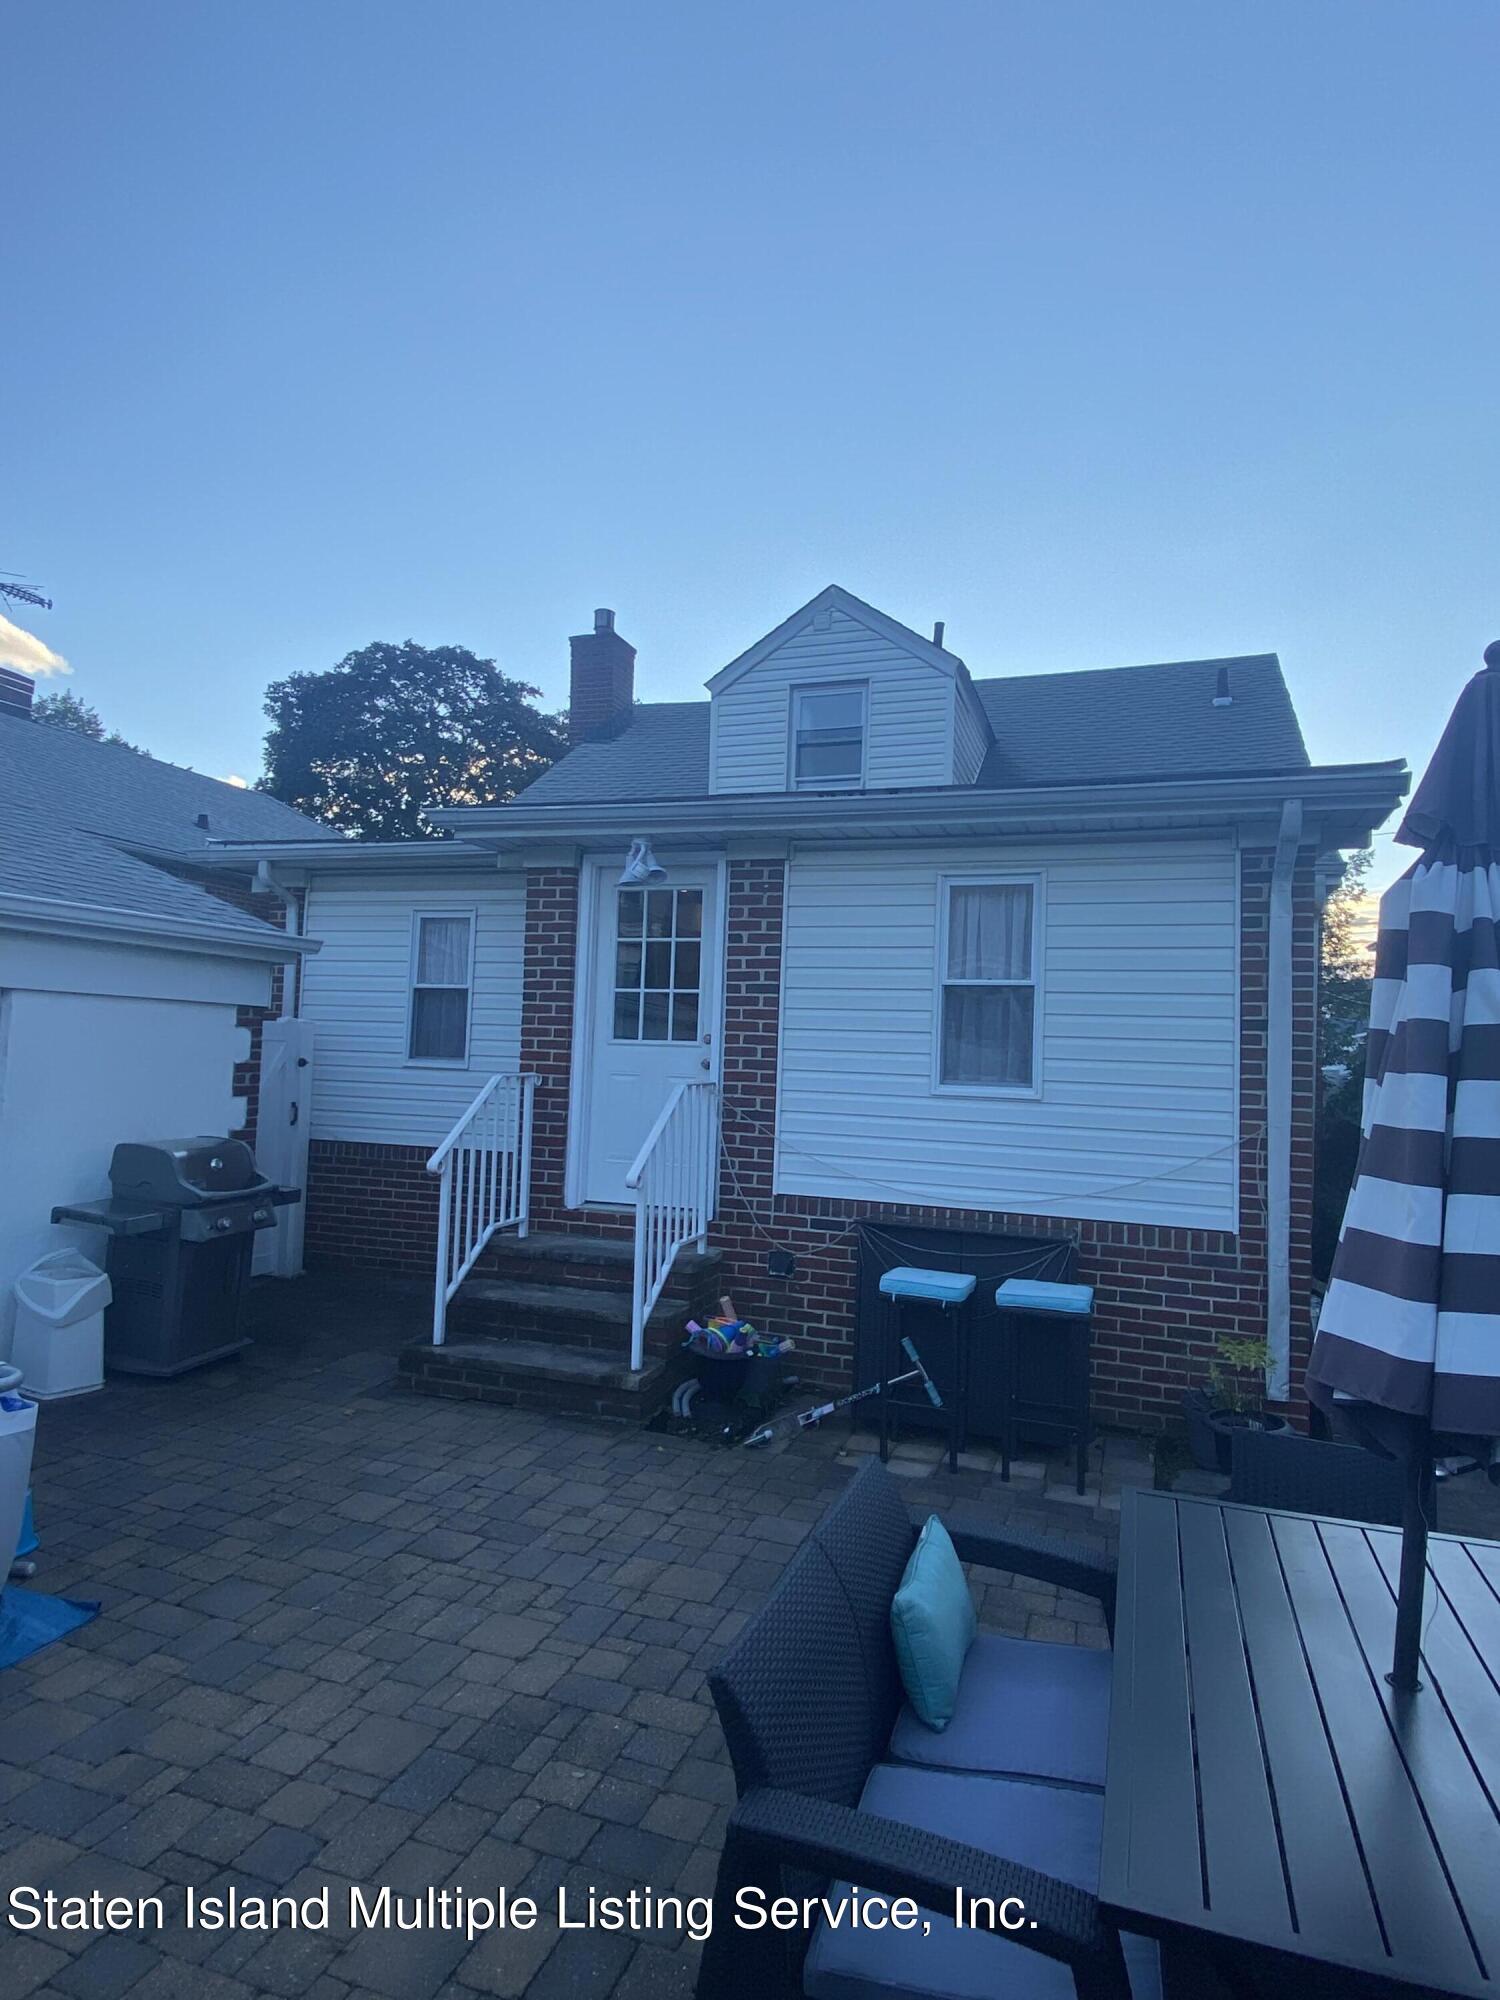 Single Family - Detached 569 Oakland Avenue  Staten Island, NY 10310, MLS-1149608-20